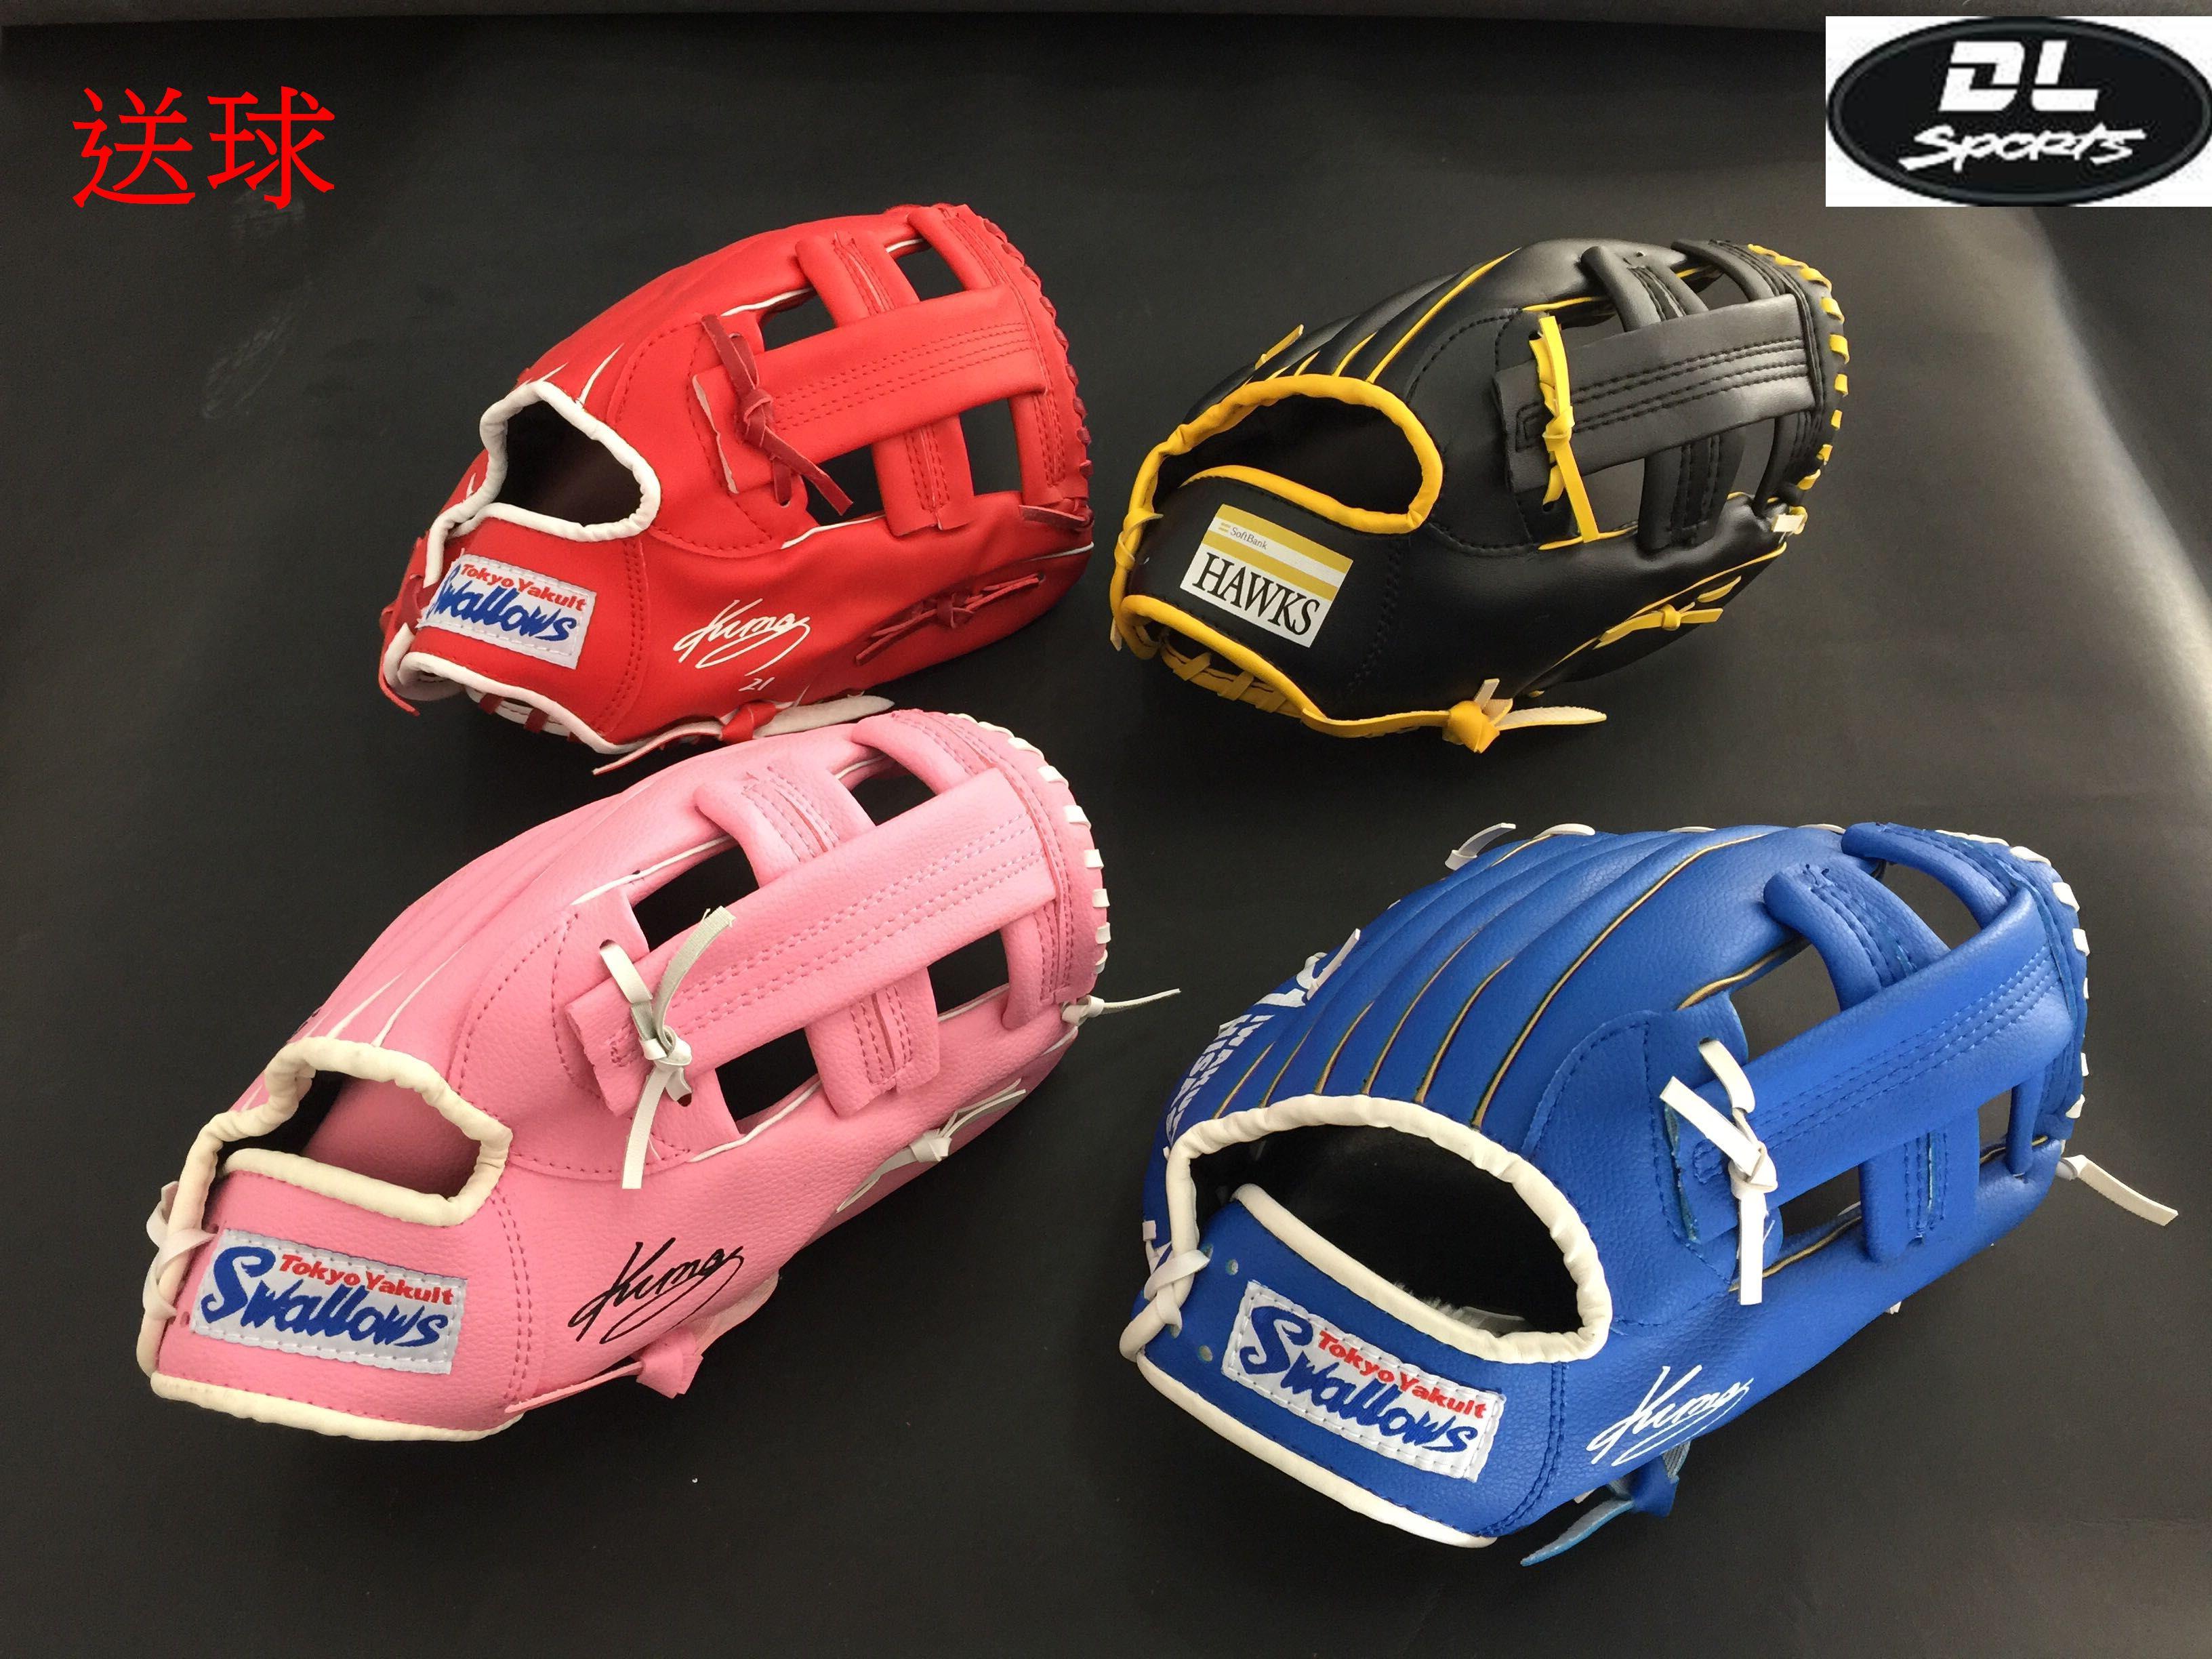 【 бейсбол душа 】 япония мяч команда качество продукции мягкий кожзаменитель бейсбол перчатки для взрослых ребенок ребенок высокий уровень из продуктов товары